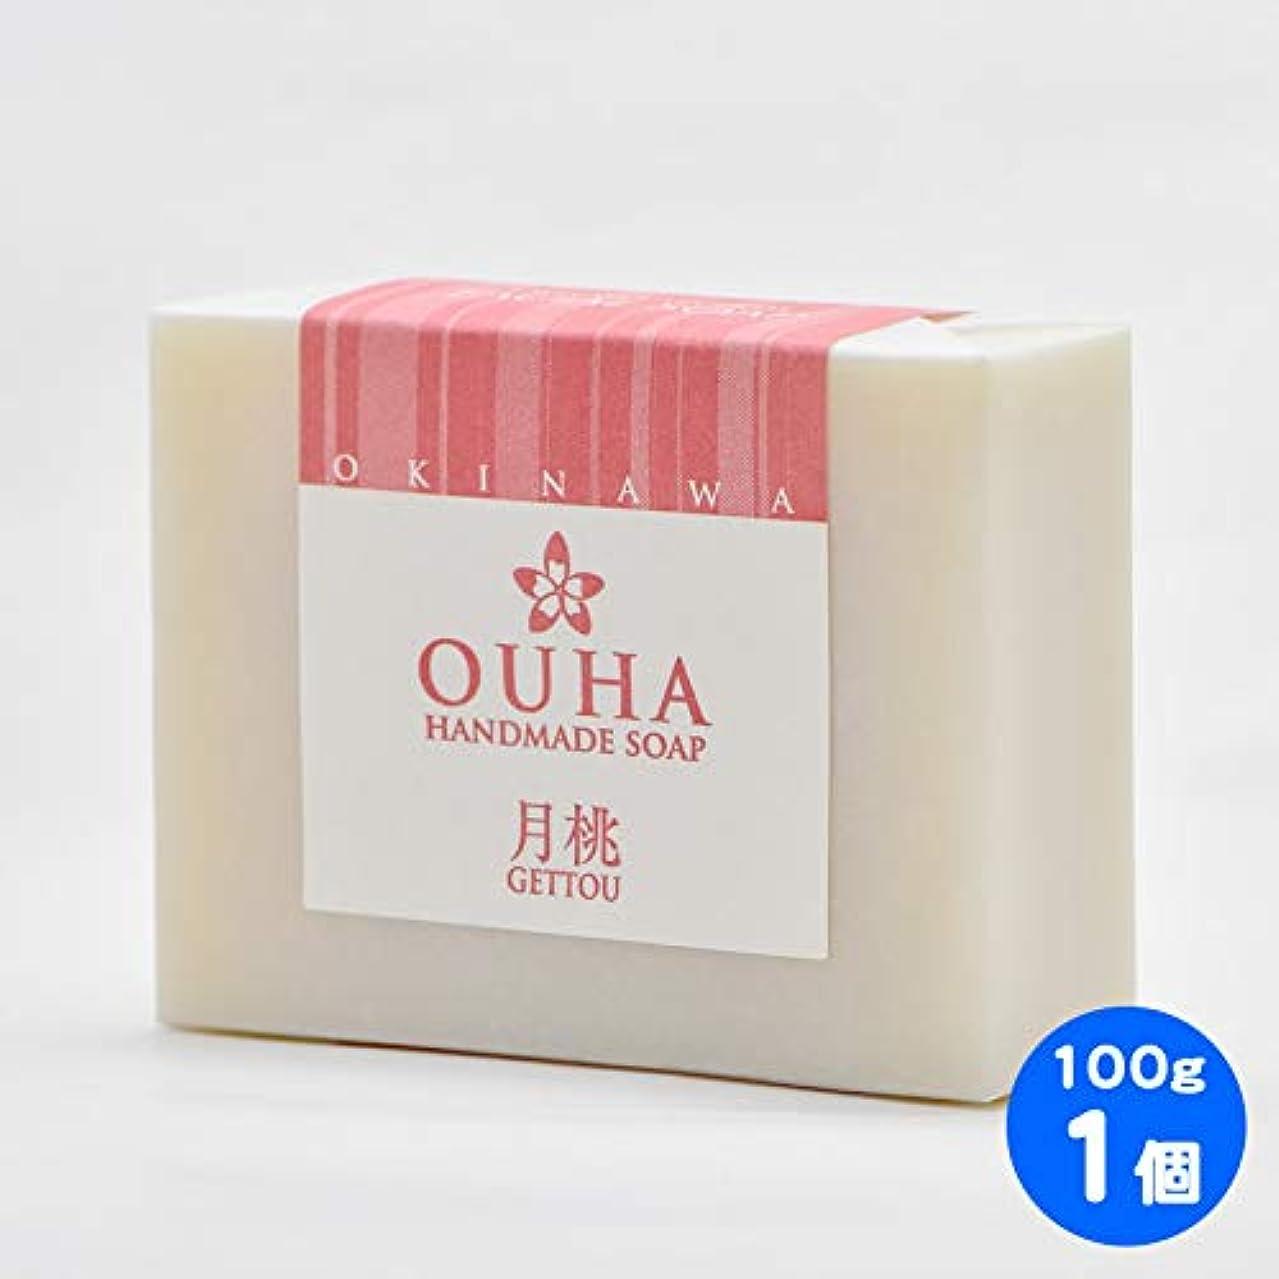 アクチュエータ壮大なとは異なり【送料無料 定形外郵便】沖縄県産 OUHAソープ 月桃 石鹸 100g 1個